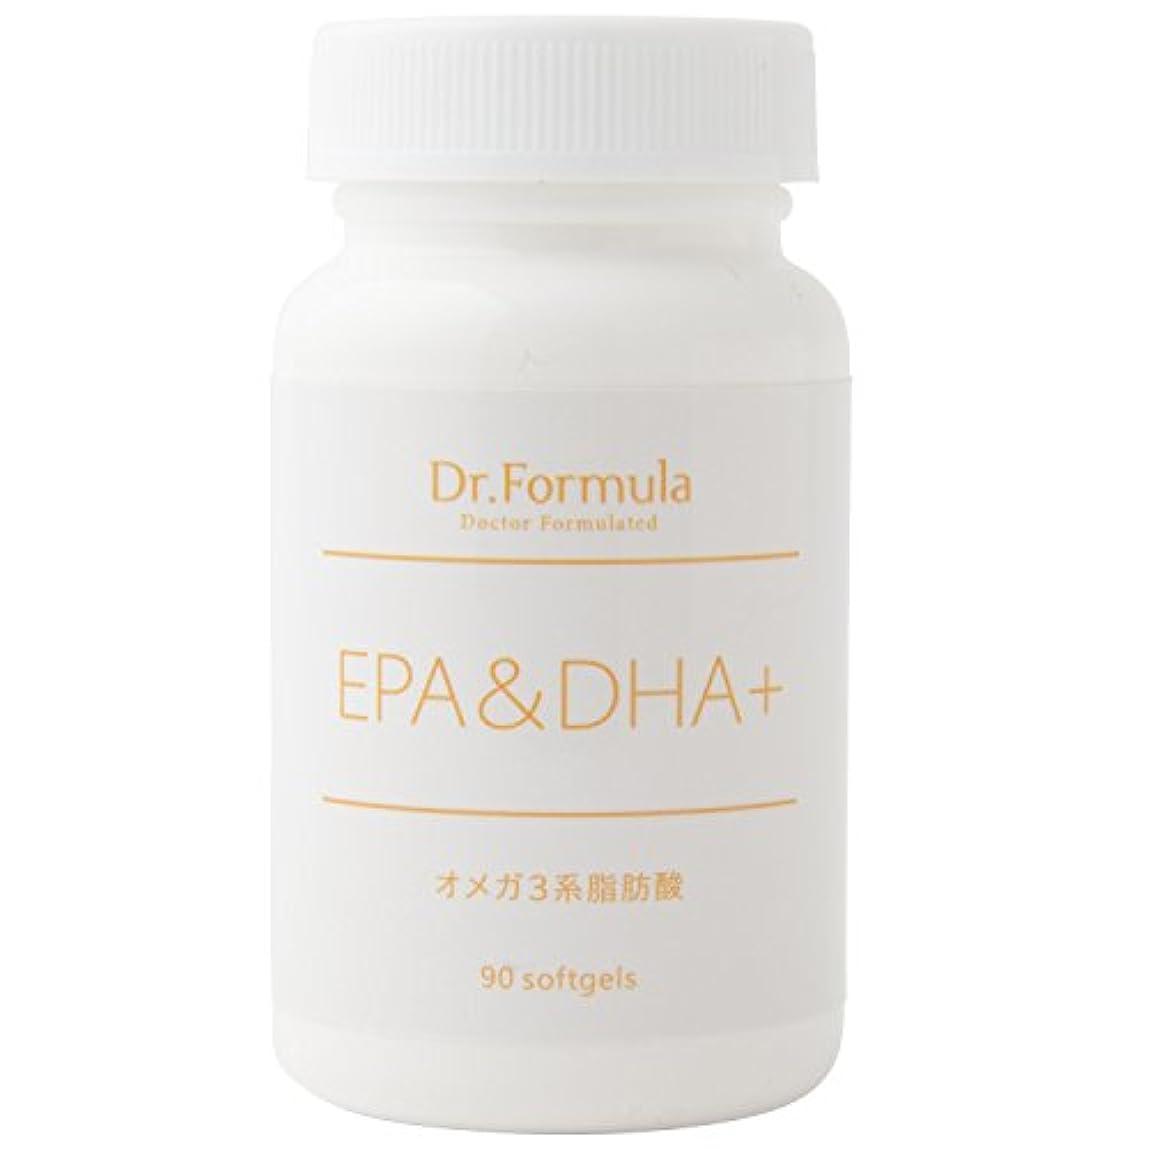 戦士押し下げる無視するDr.Formula EPA&DHA+(オメガ 3系脂肪酸) 30日分 90粒 日本製 OMEGA3